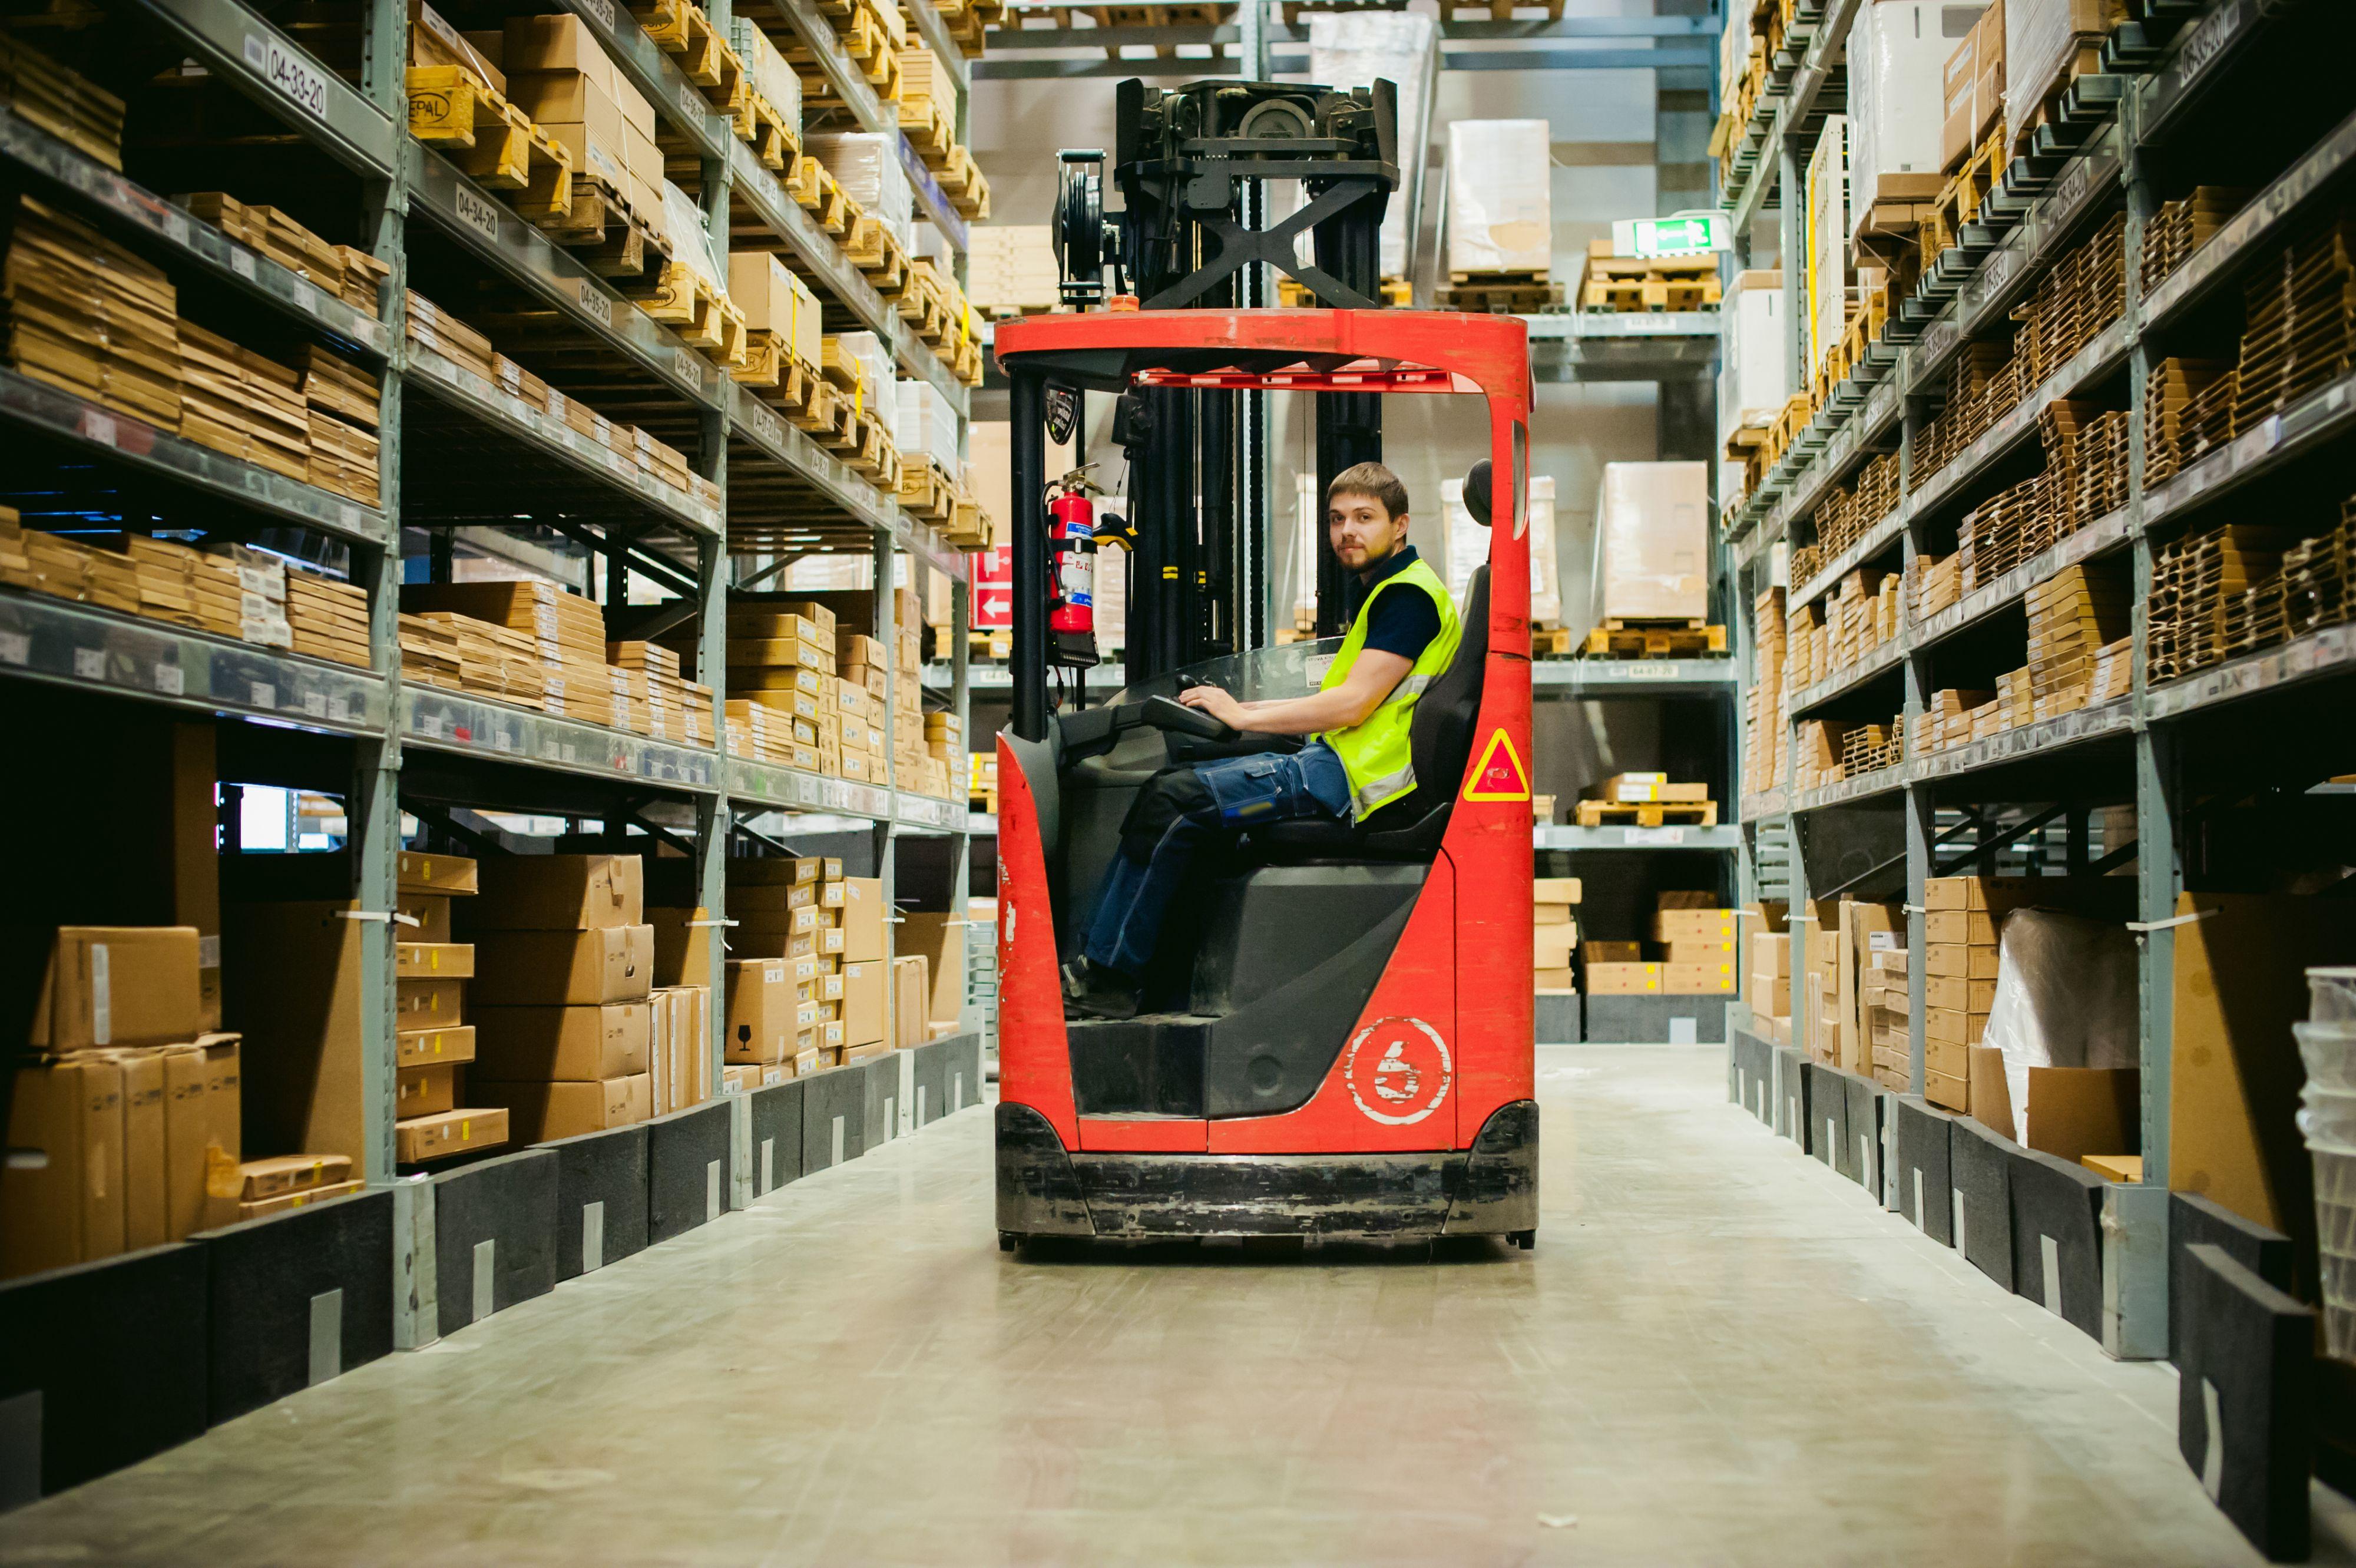 W porównaniu do ubiegłego roku, na OLX mocno wzrosła także liczba ofert w kategoriach prace magazynowe (Fot. Shutterstock)